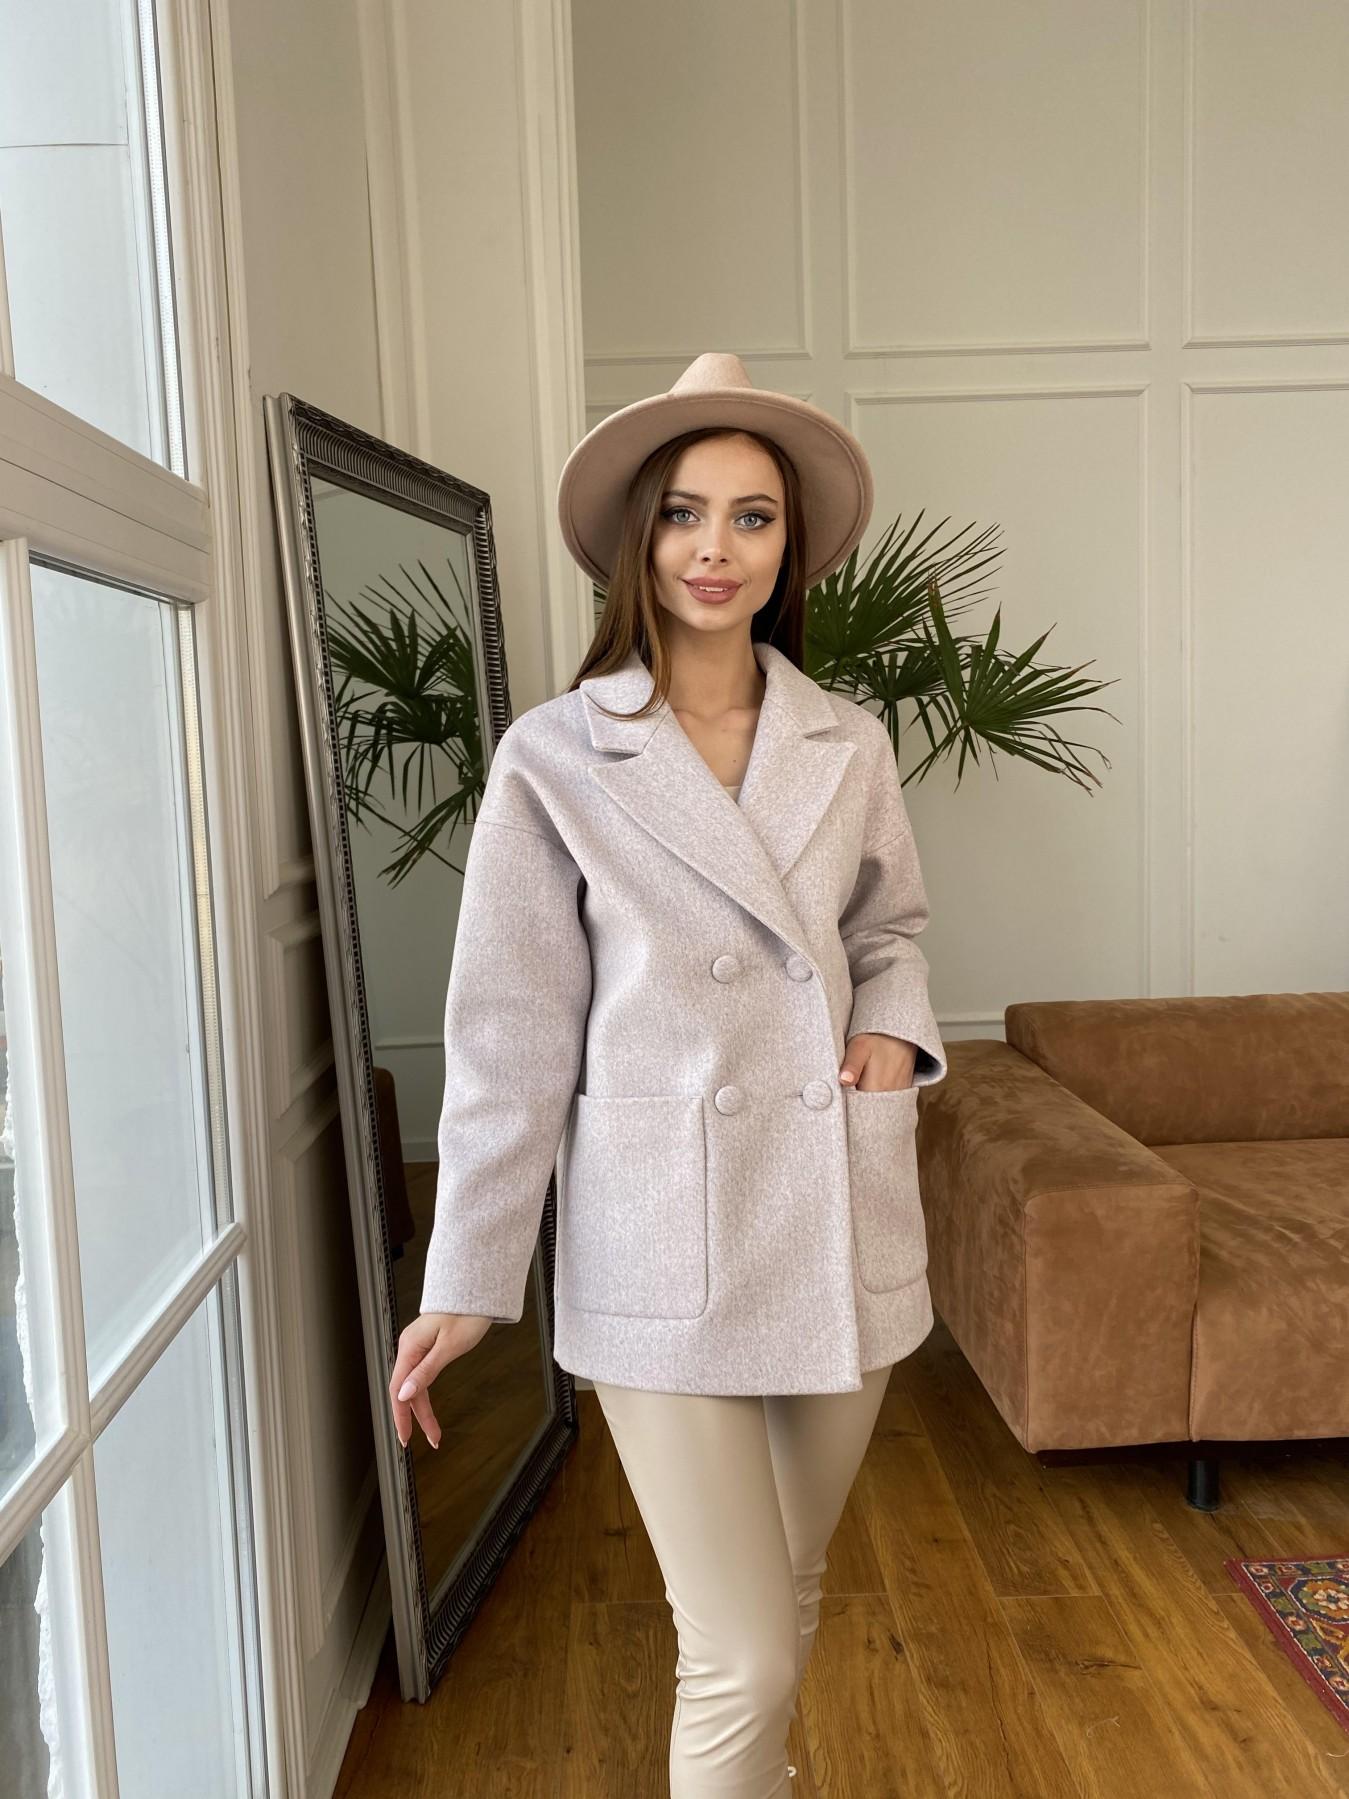 Мансера пальто кашемир меланж на трикотаже  10629 АРТ. 47554 Цвет: Серо-розовый 21 - фото 7, интернет магазин tm-modus.ru